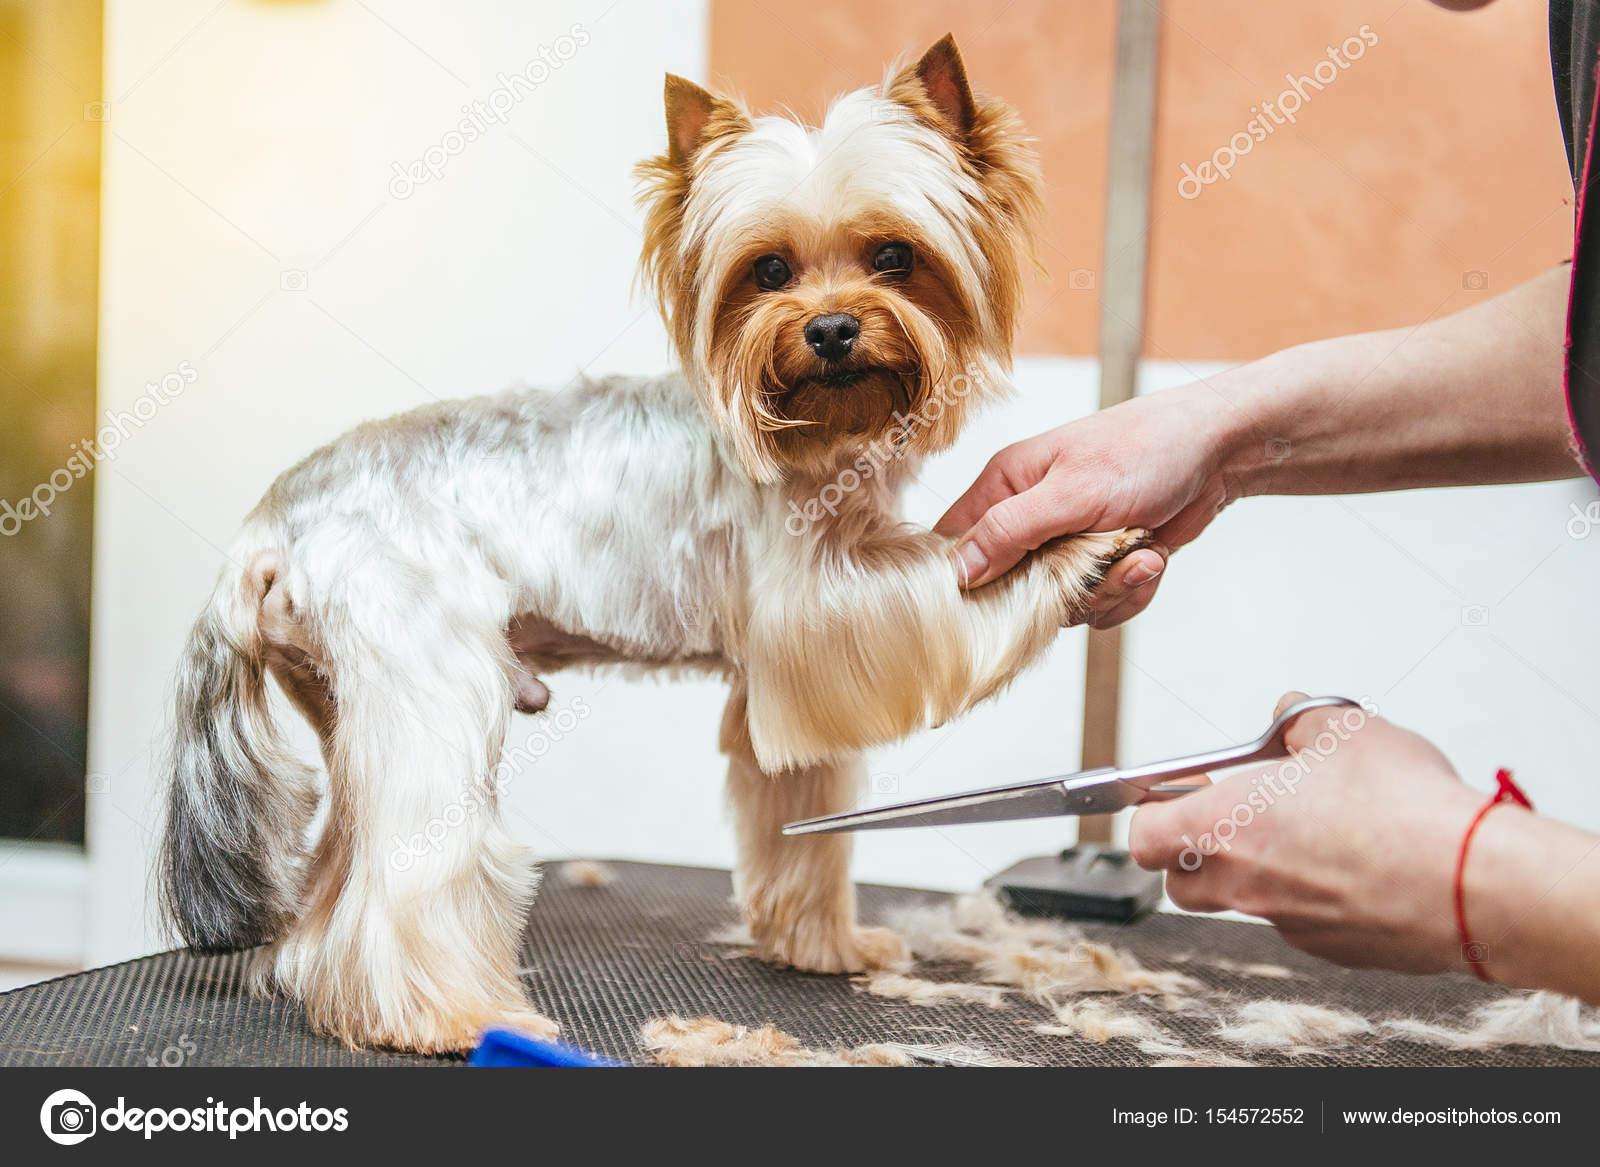 Salon De Coiffure Tond Yorkshire Terrier Fourrure Sur L Oreille Avec